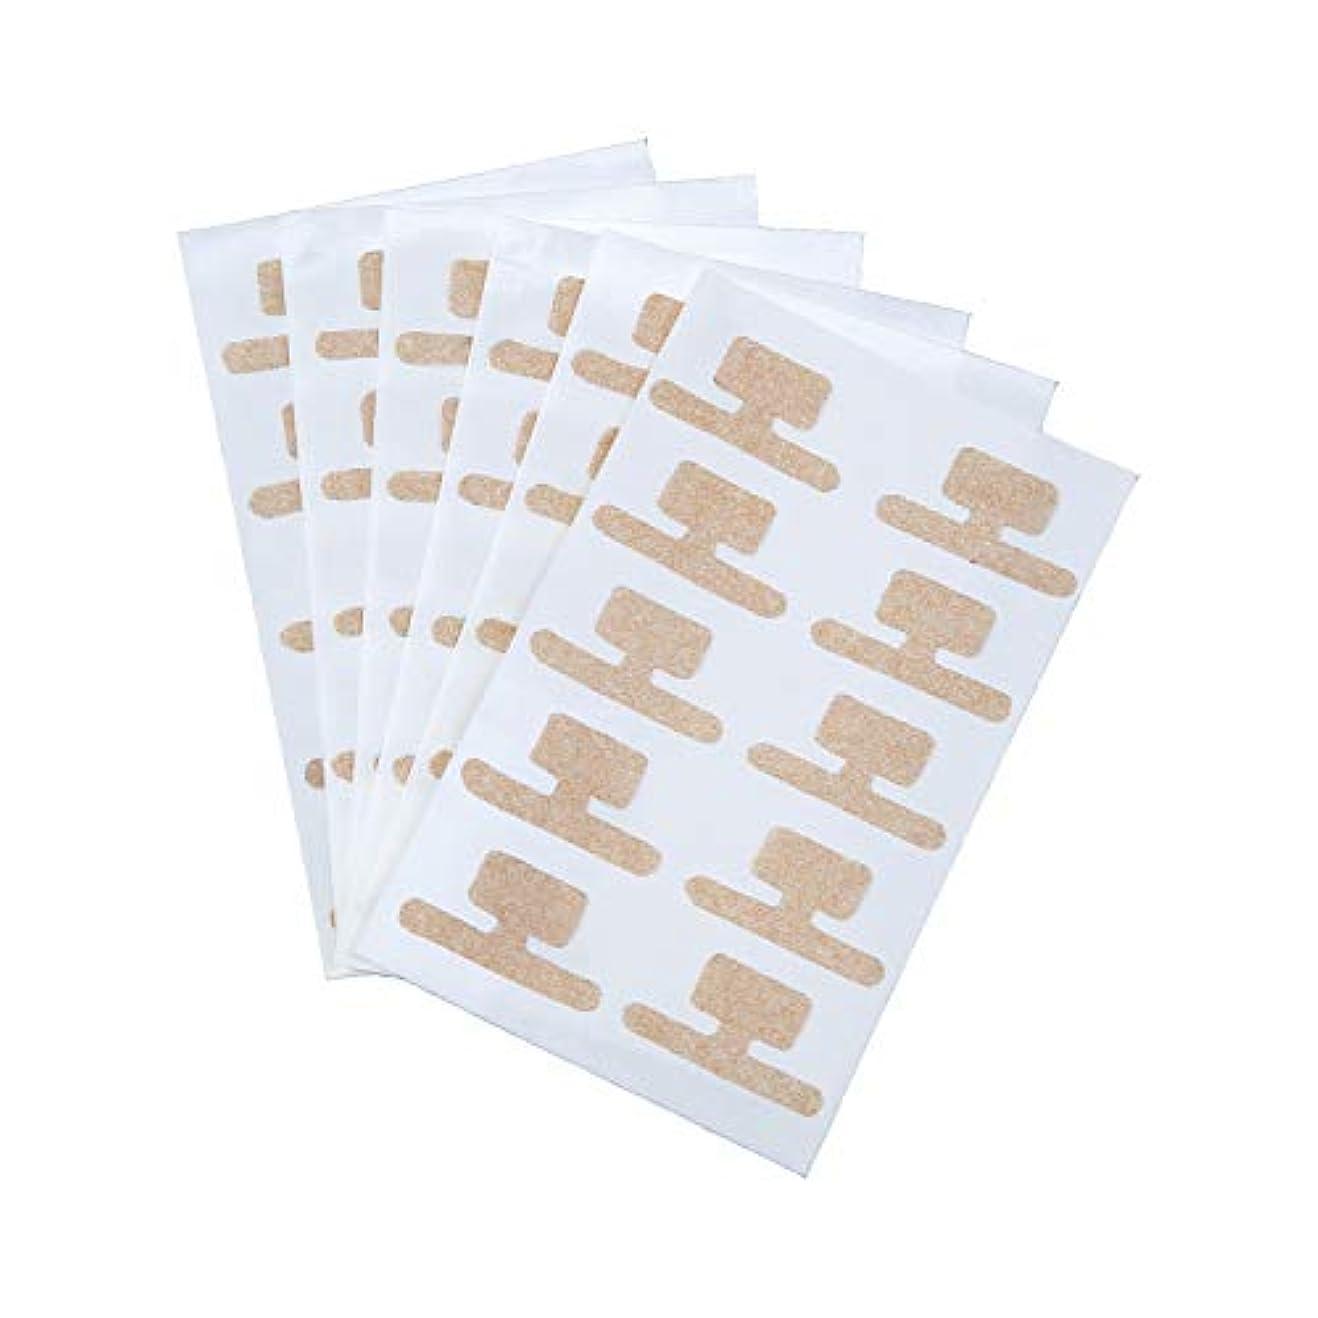 意図するささいなクレア巻き爪ダブルケアテープ 60枚入 持ち上げ シール 食い込み 痛み サポート 貼るだけ 足 フットケア